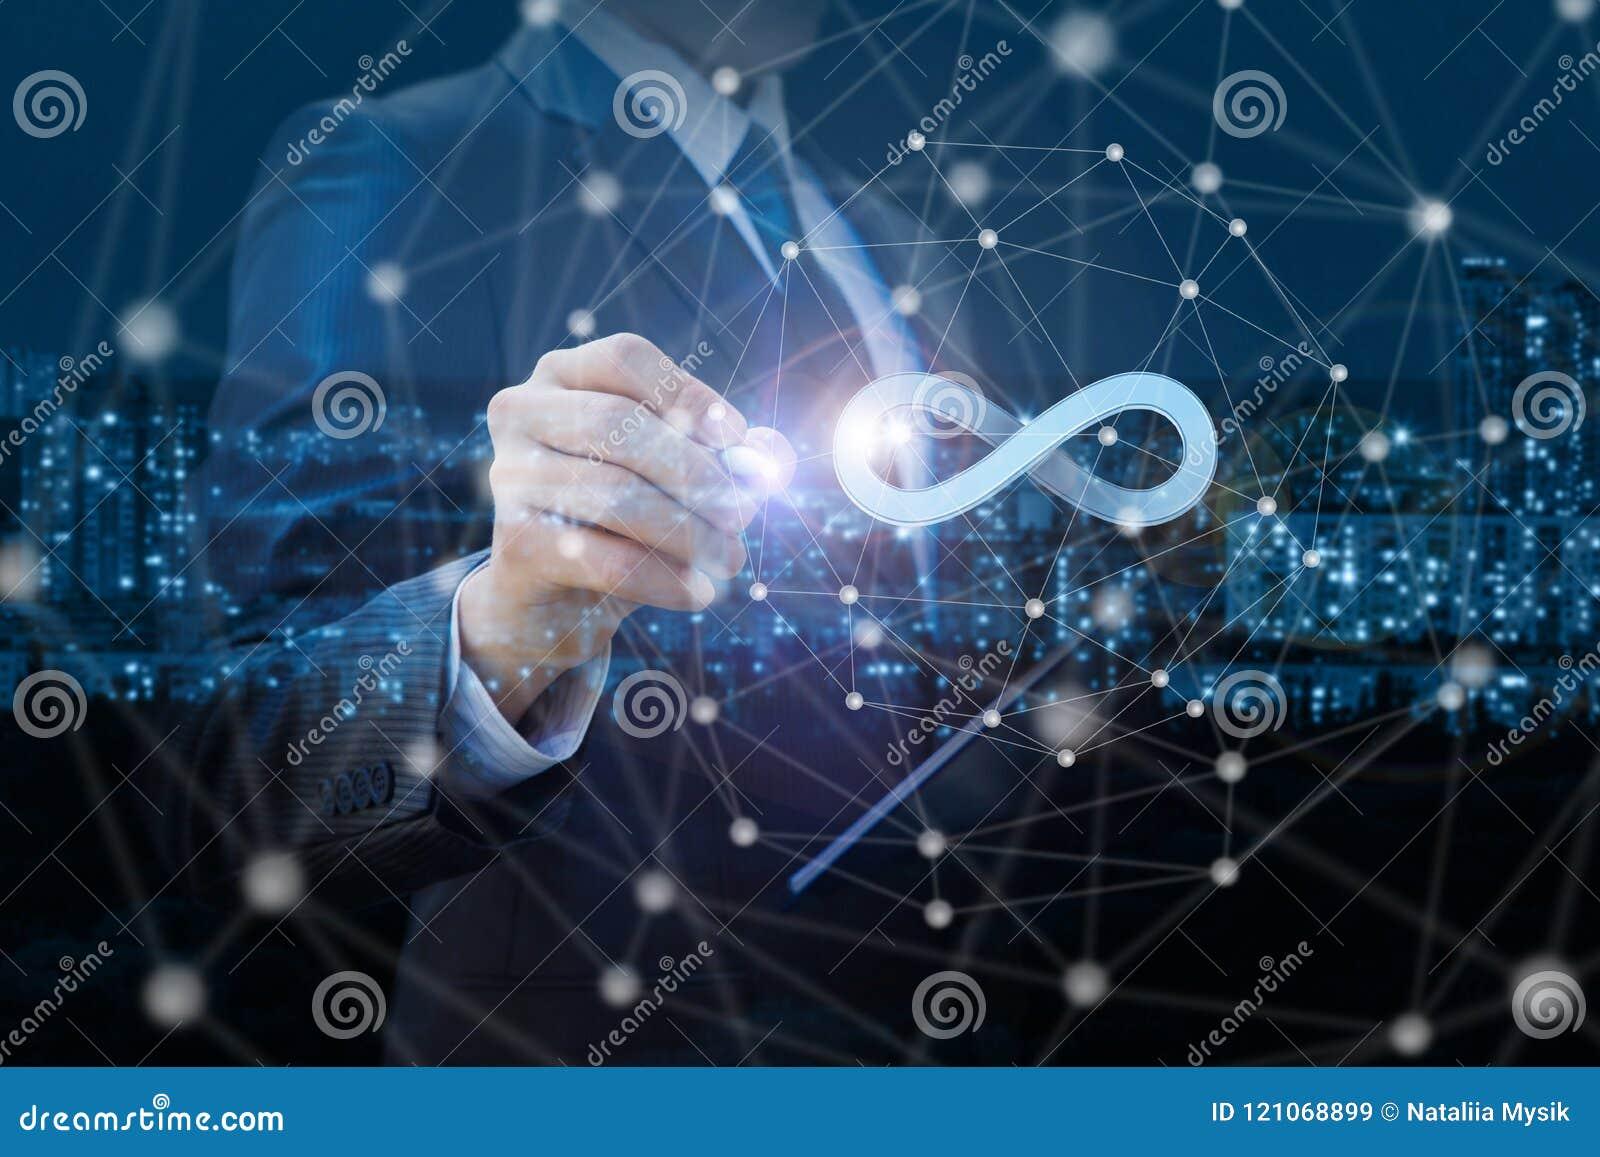 Ο επιχειρηματίας σύρει απεριόριστο Διαδίκτυο